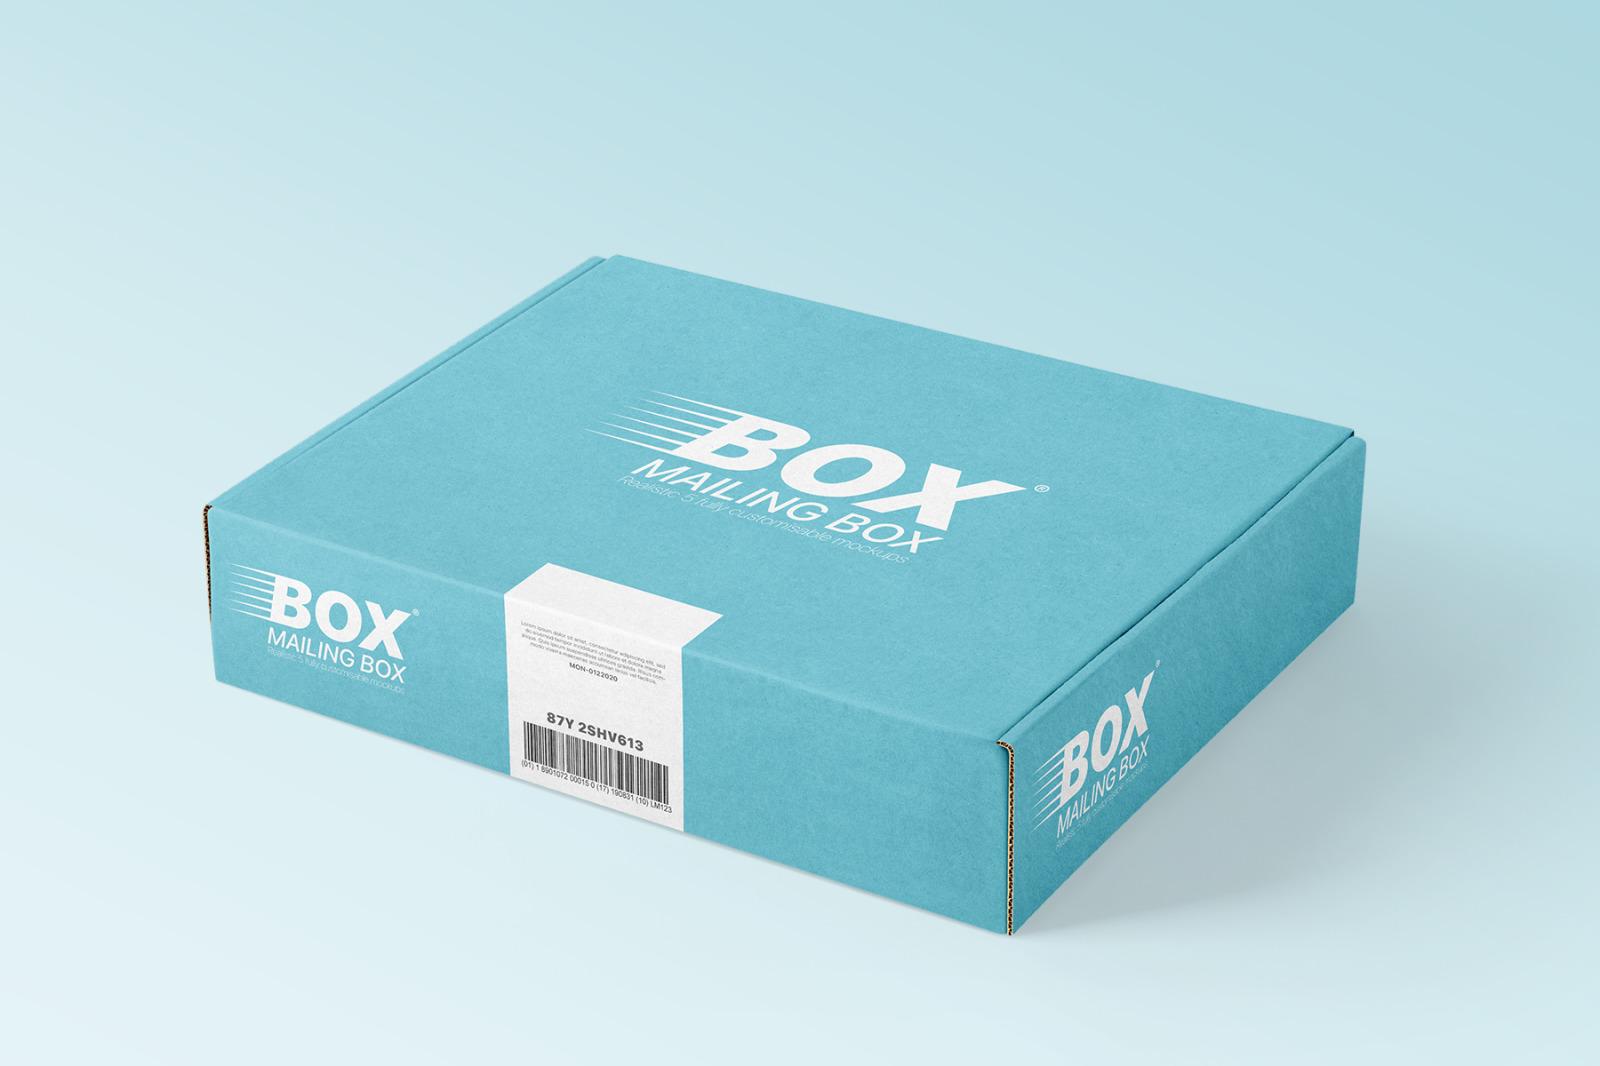 多角度快递包装纸盒外观设计展示样机 Mailing Box Mockups Set插图(4)